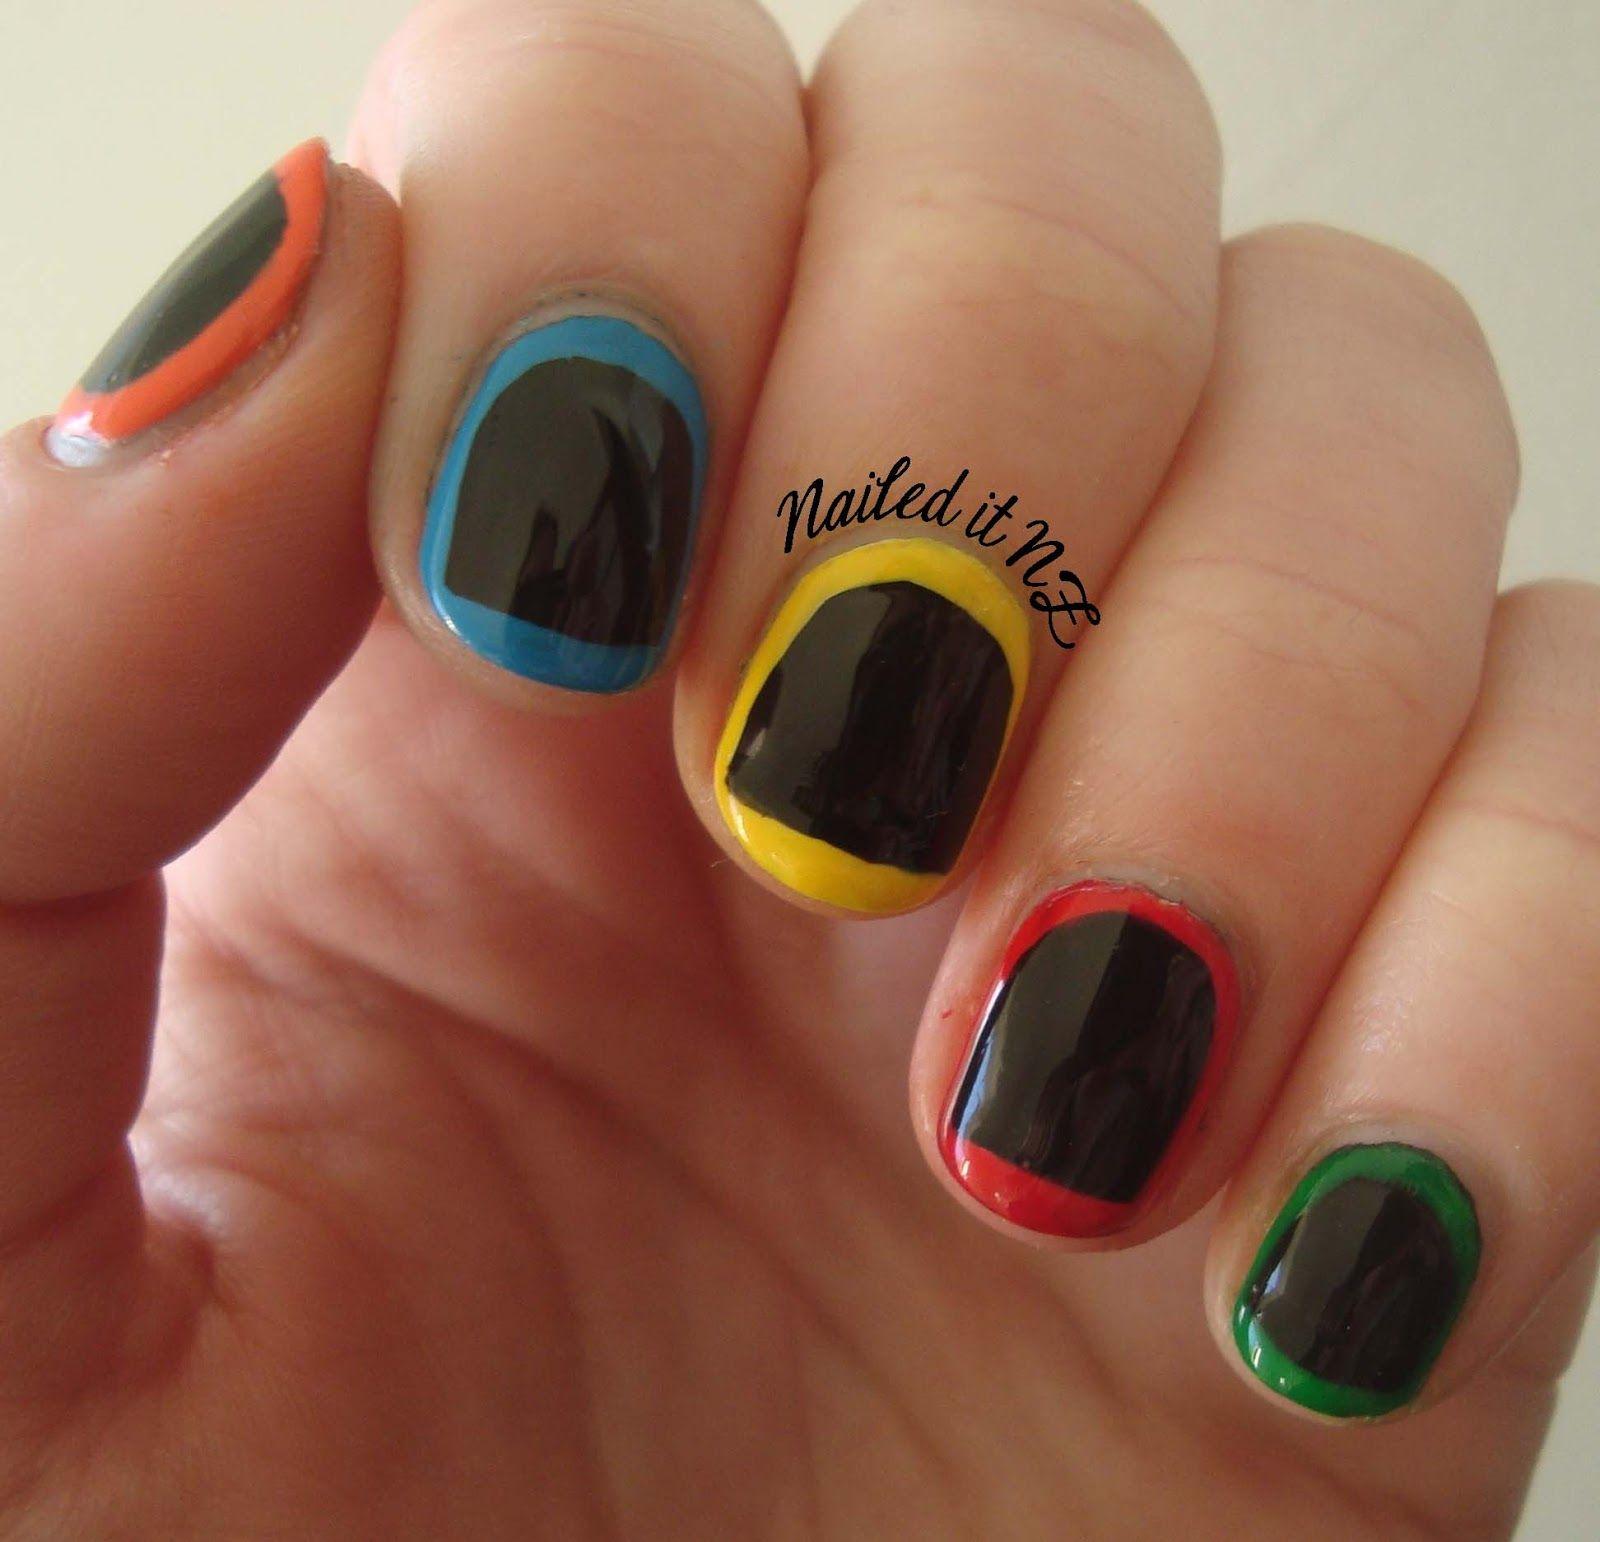 Easy+Nail+Designs+for+Short+Nails | Nail art for short nails #2 ...